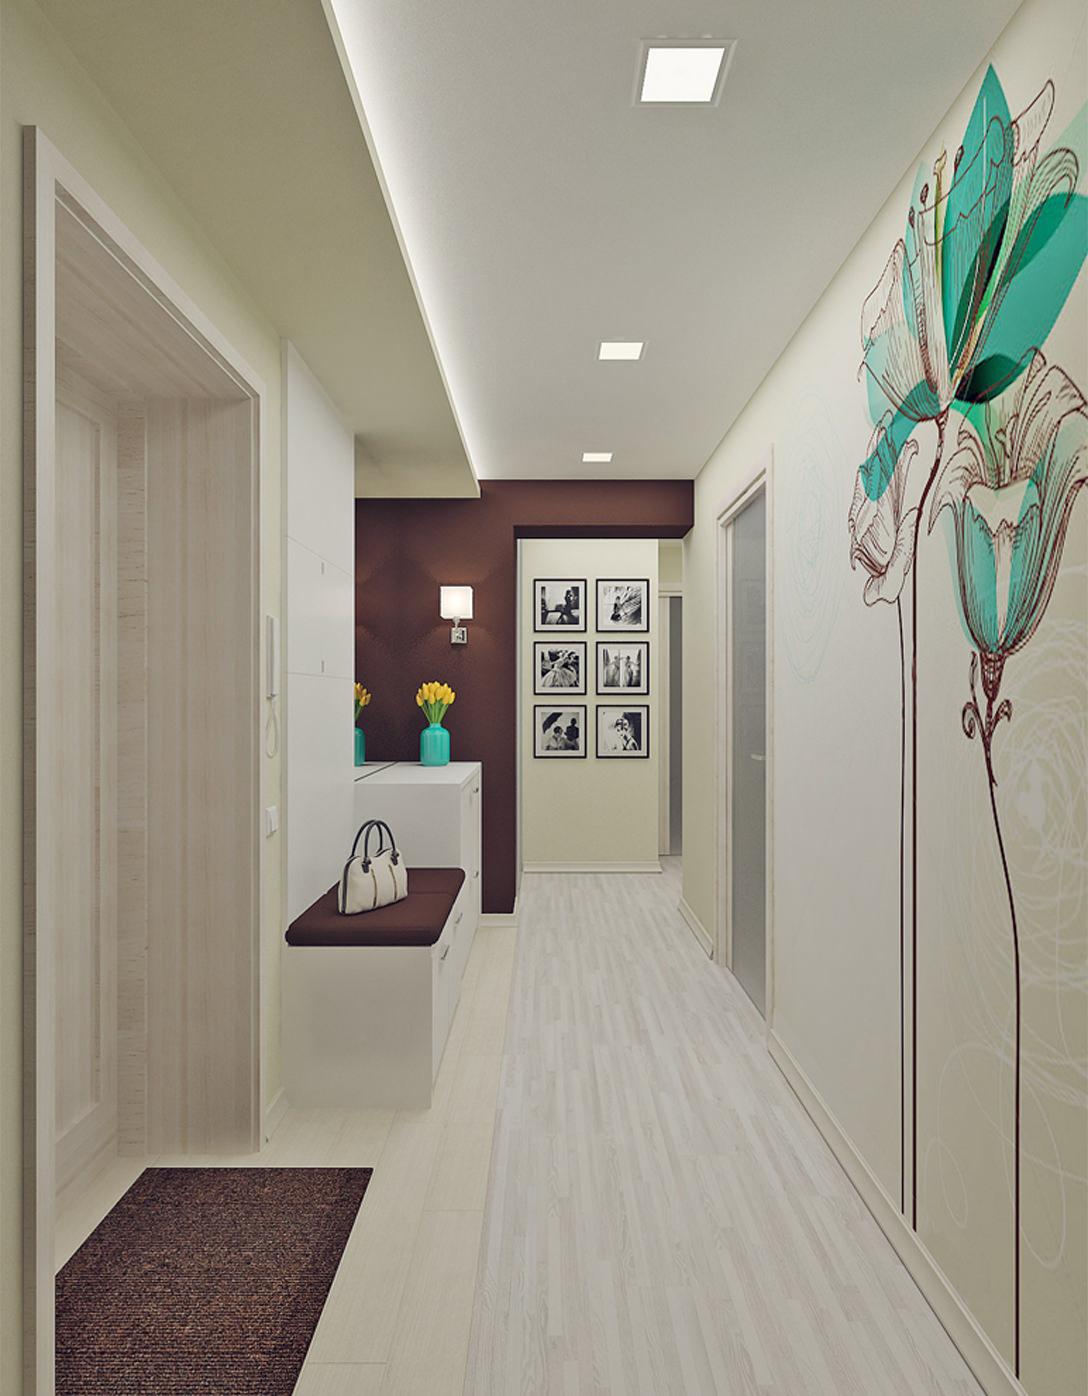 фото обоев в белом коридоре.